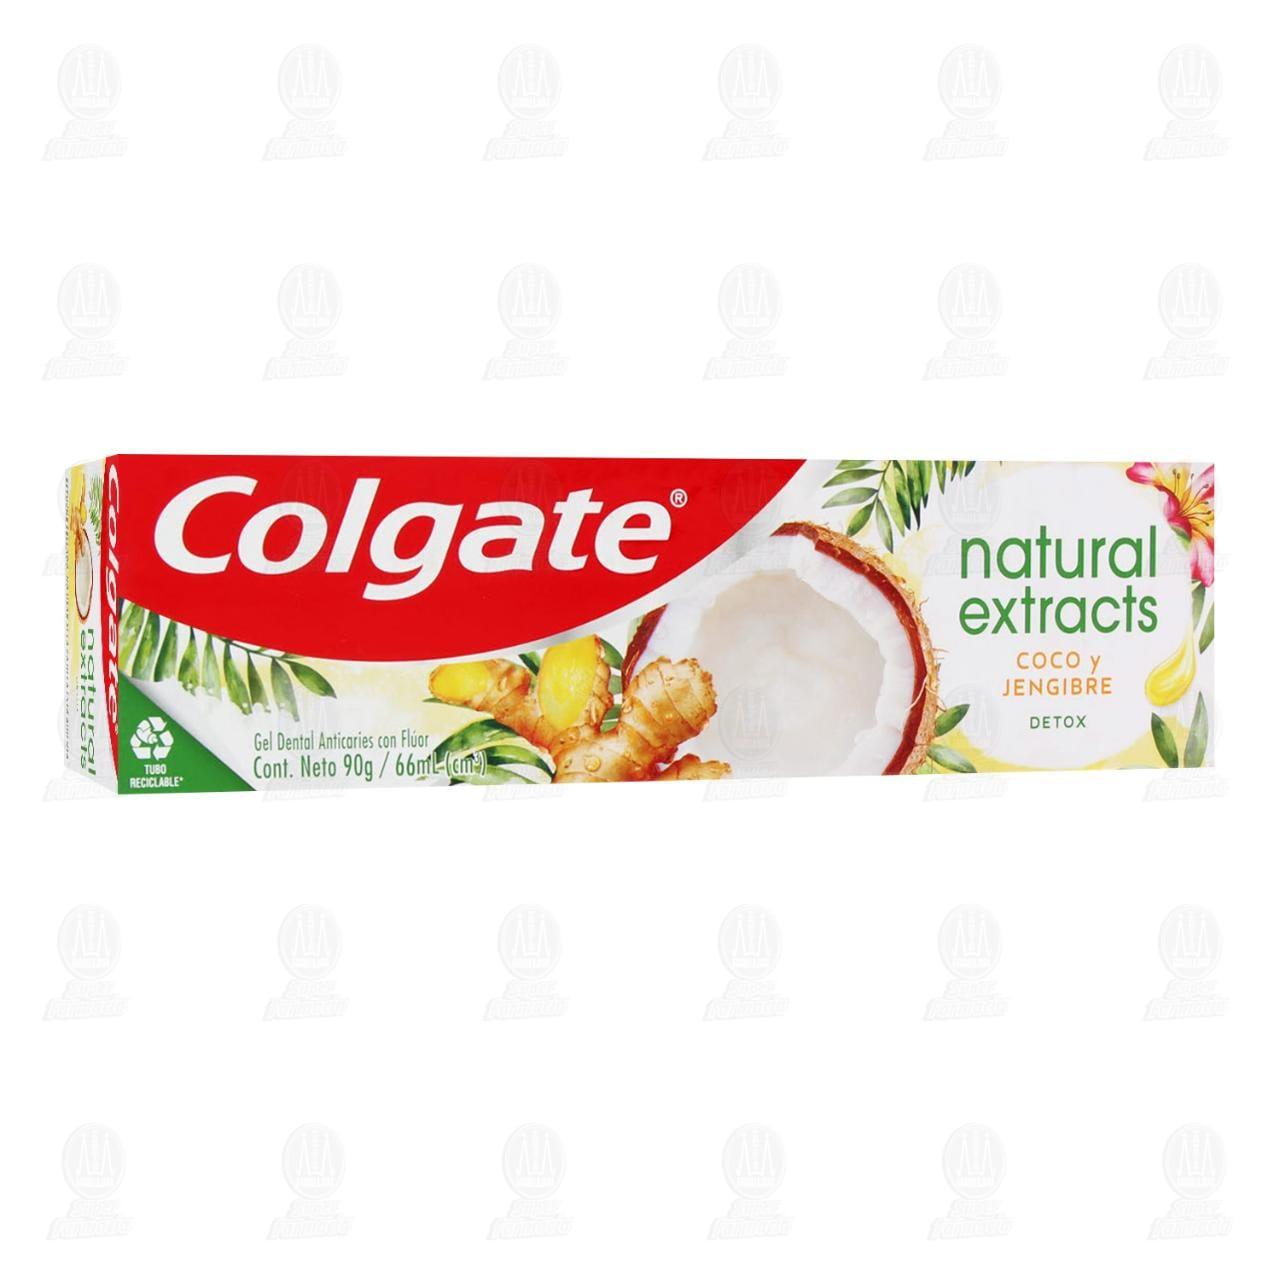 Comprar Pasta Dental Colgate Natural Extracts Detox Coco y Jengibre, 68 ml. en Farmacias Guadalajara